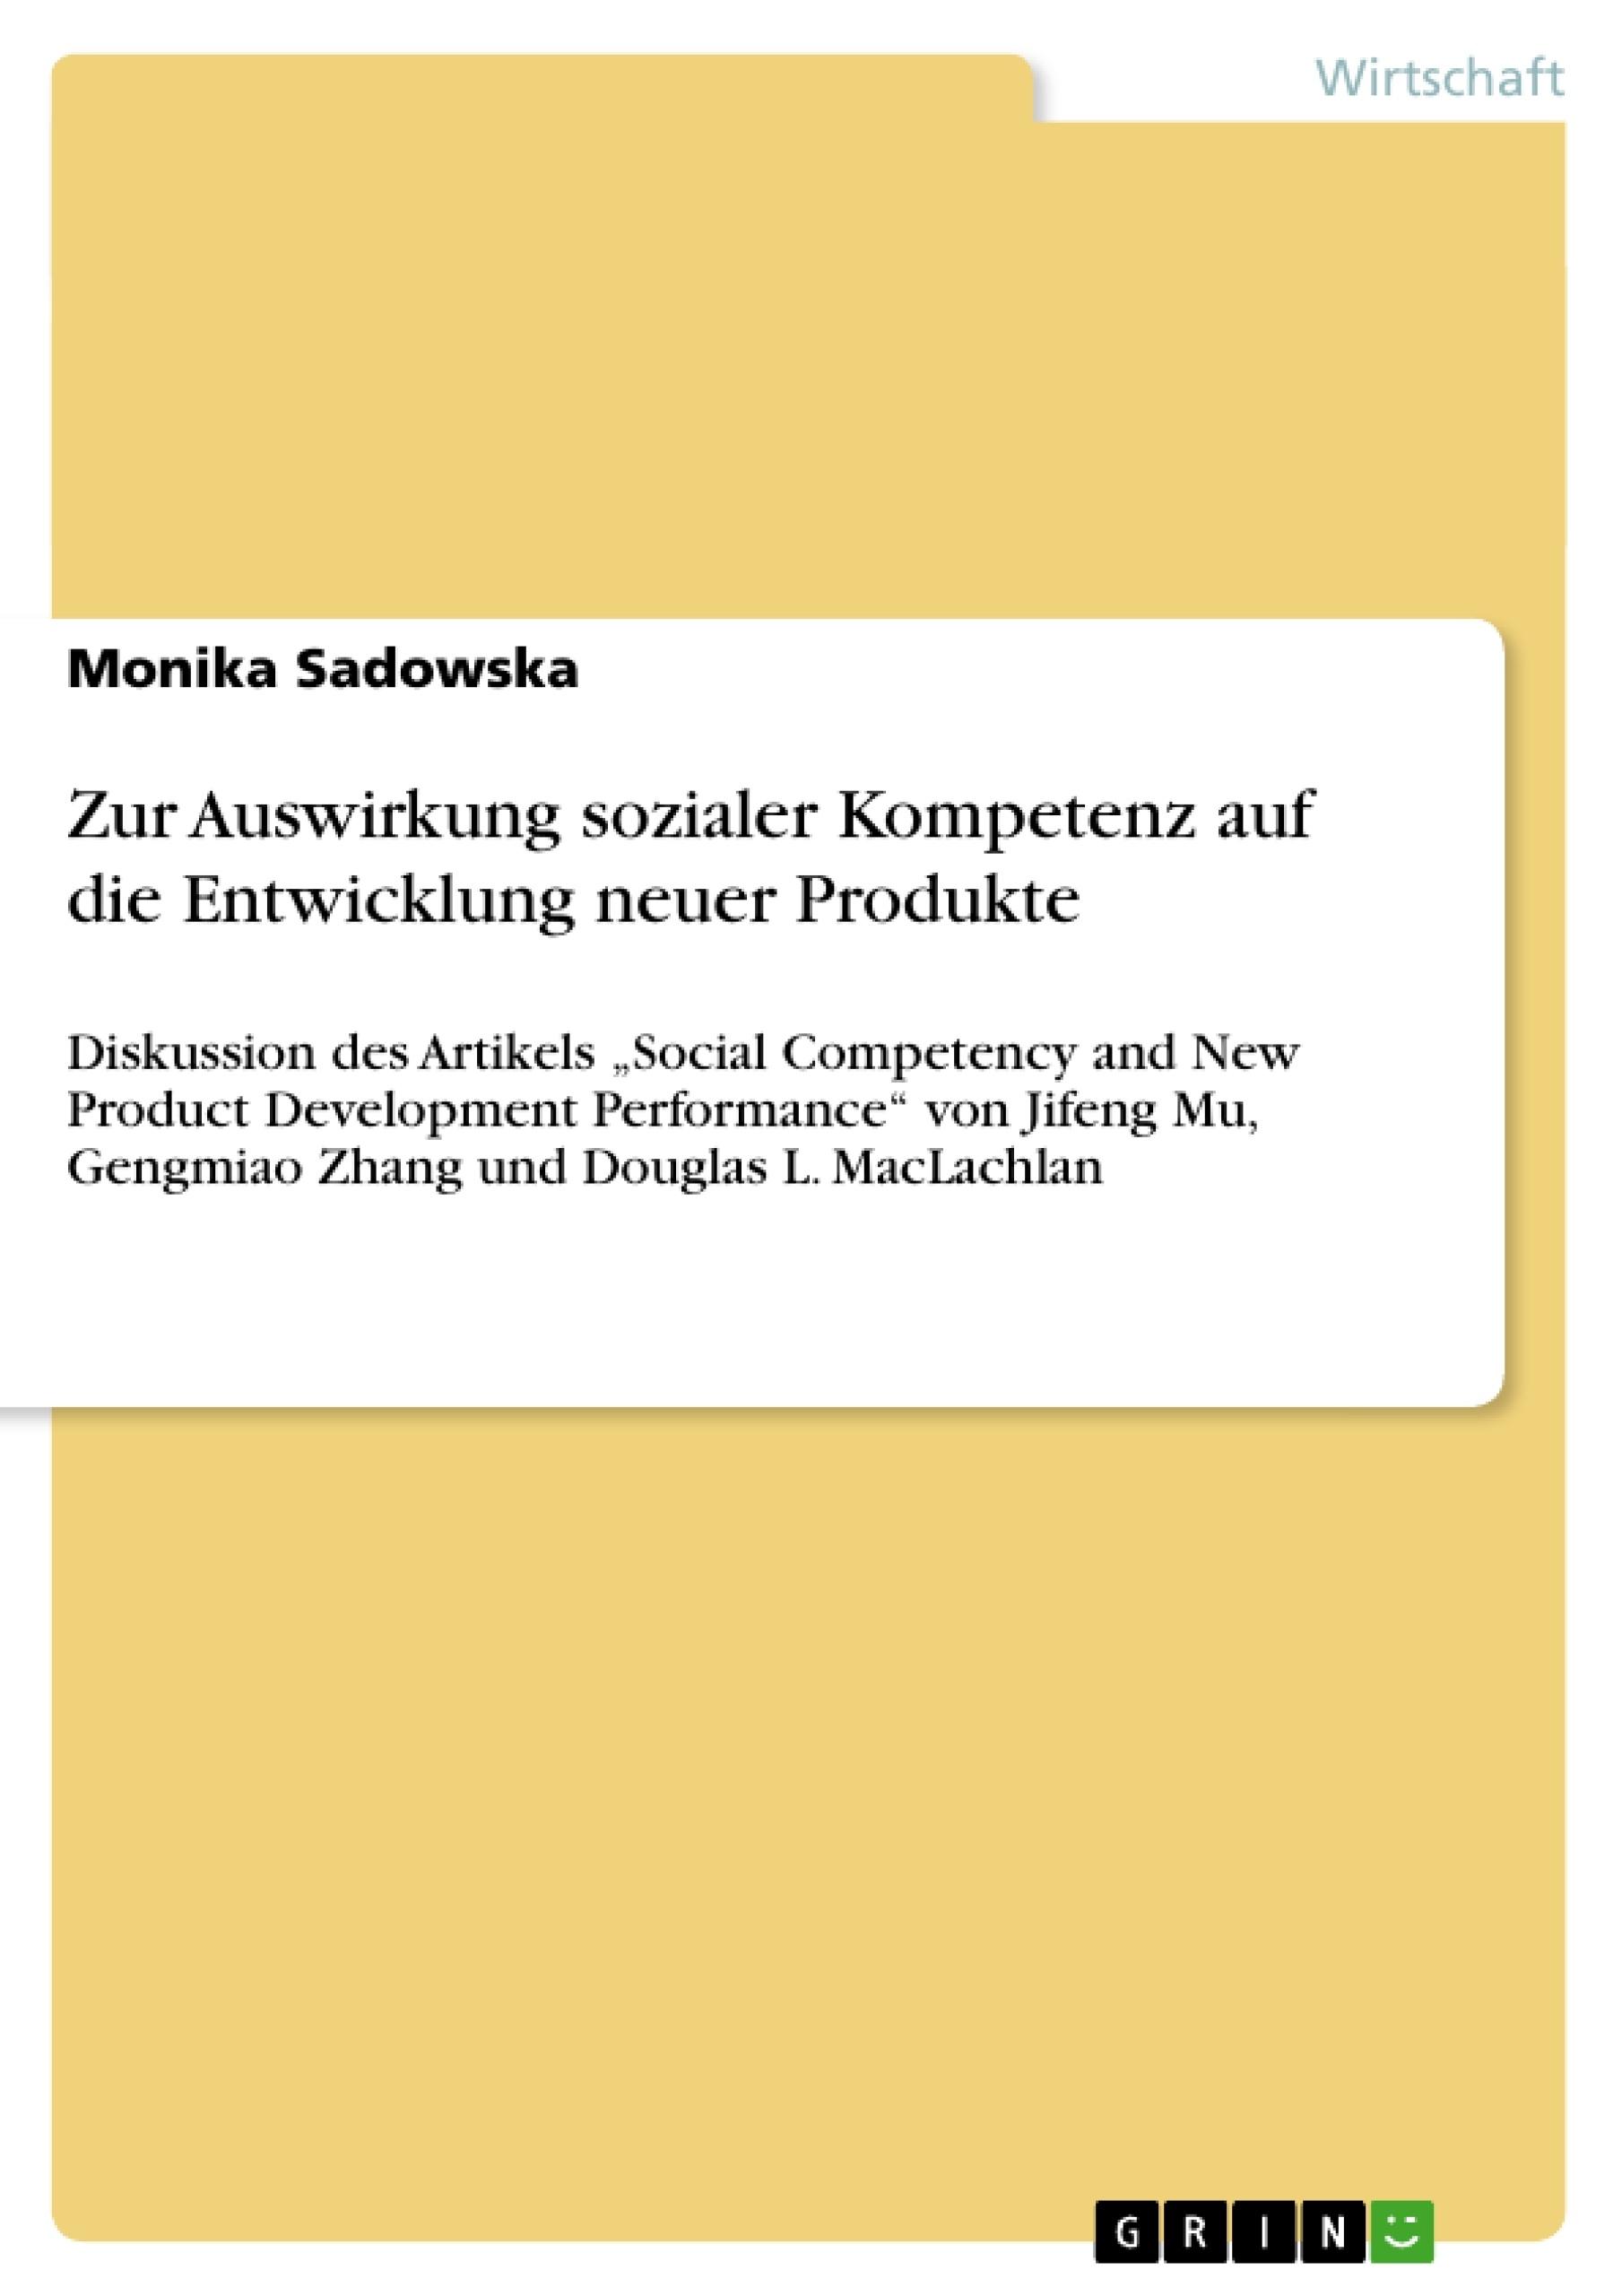 Titel: Zur Auswirkung sozialer Kompetenz auf die Entwicklung neuer Produkte